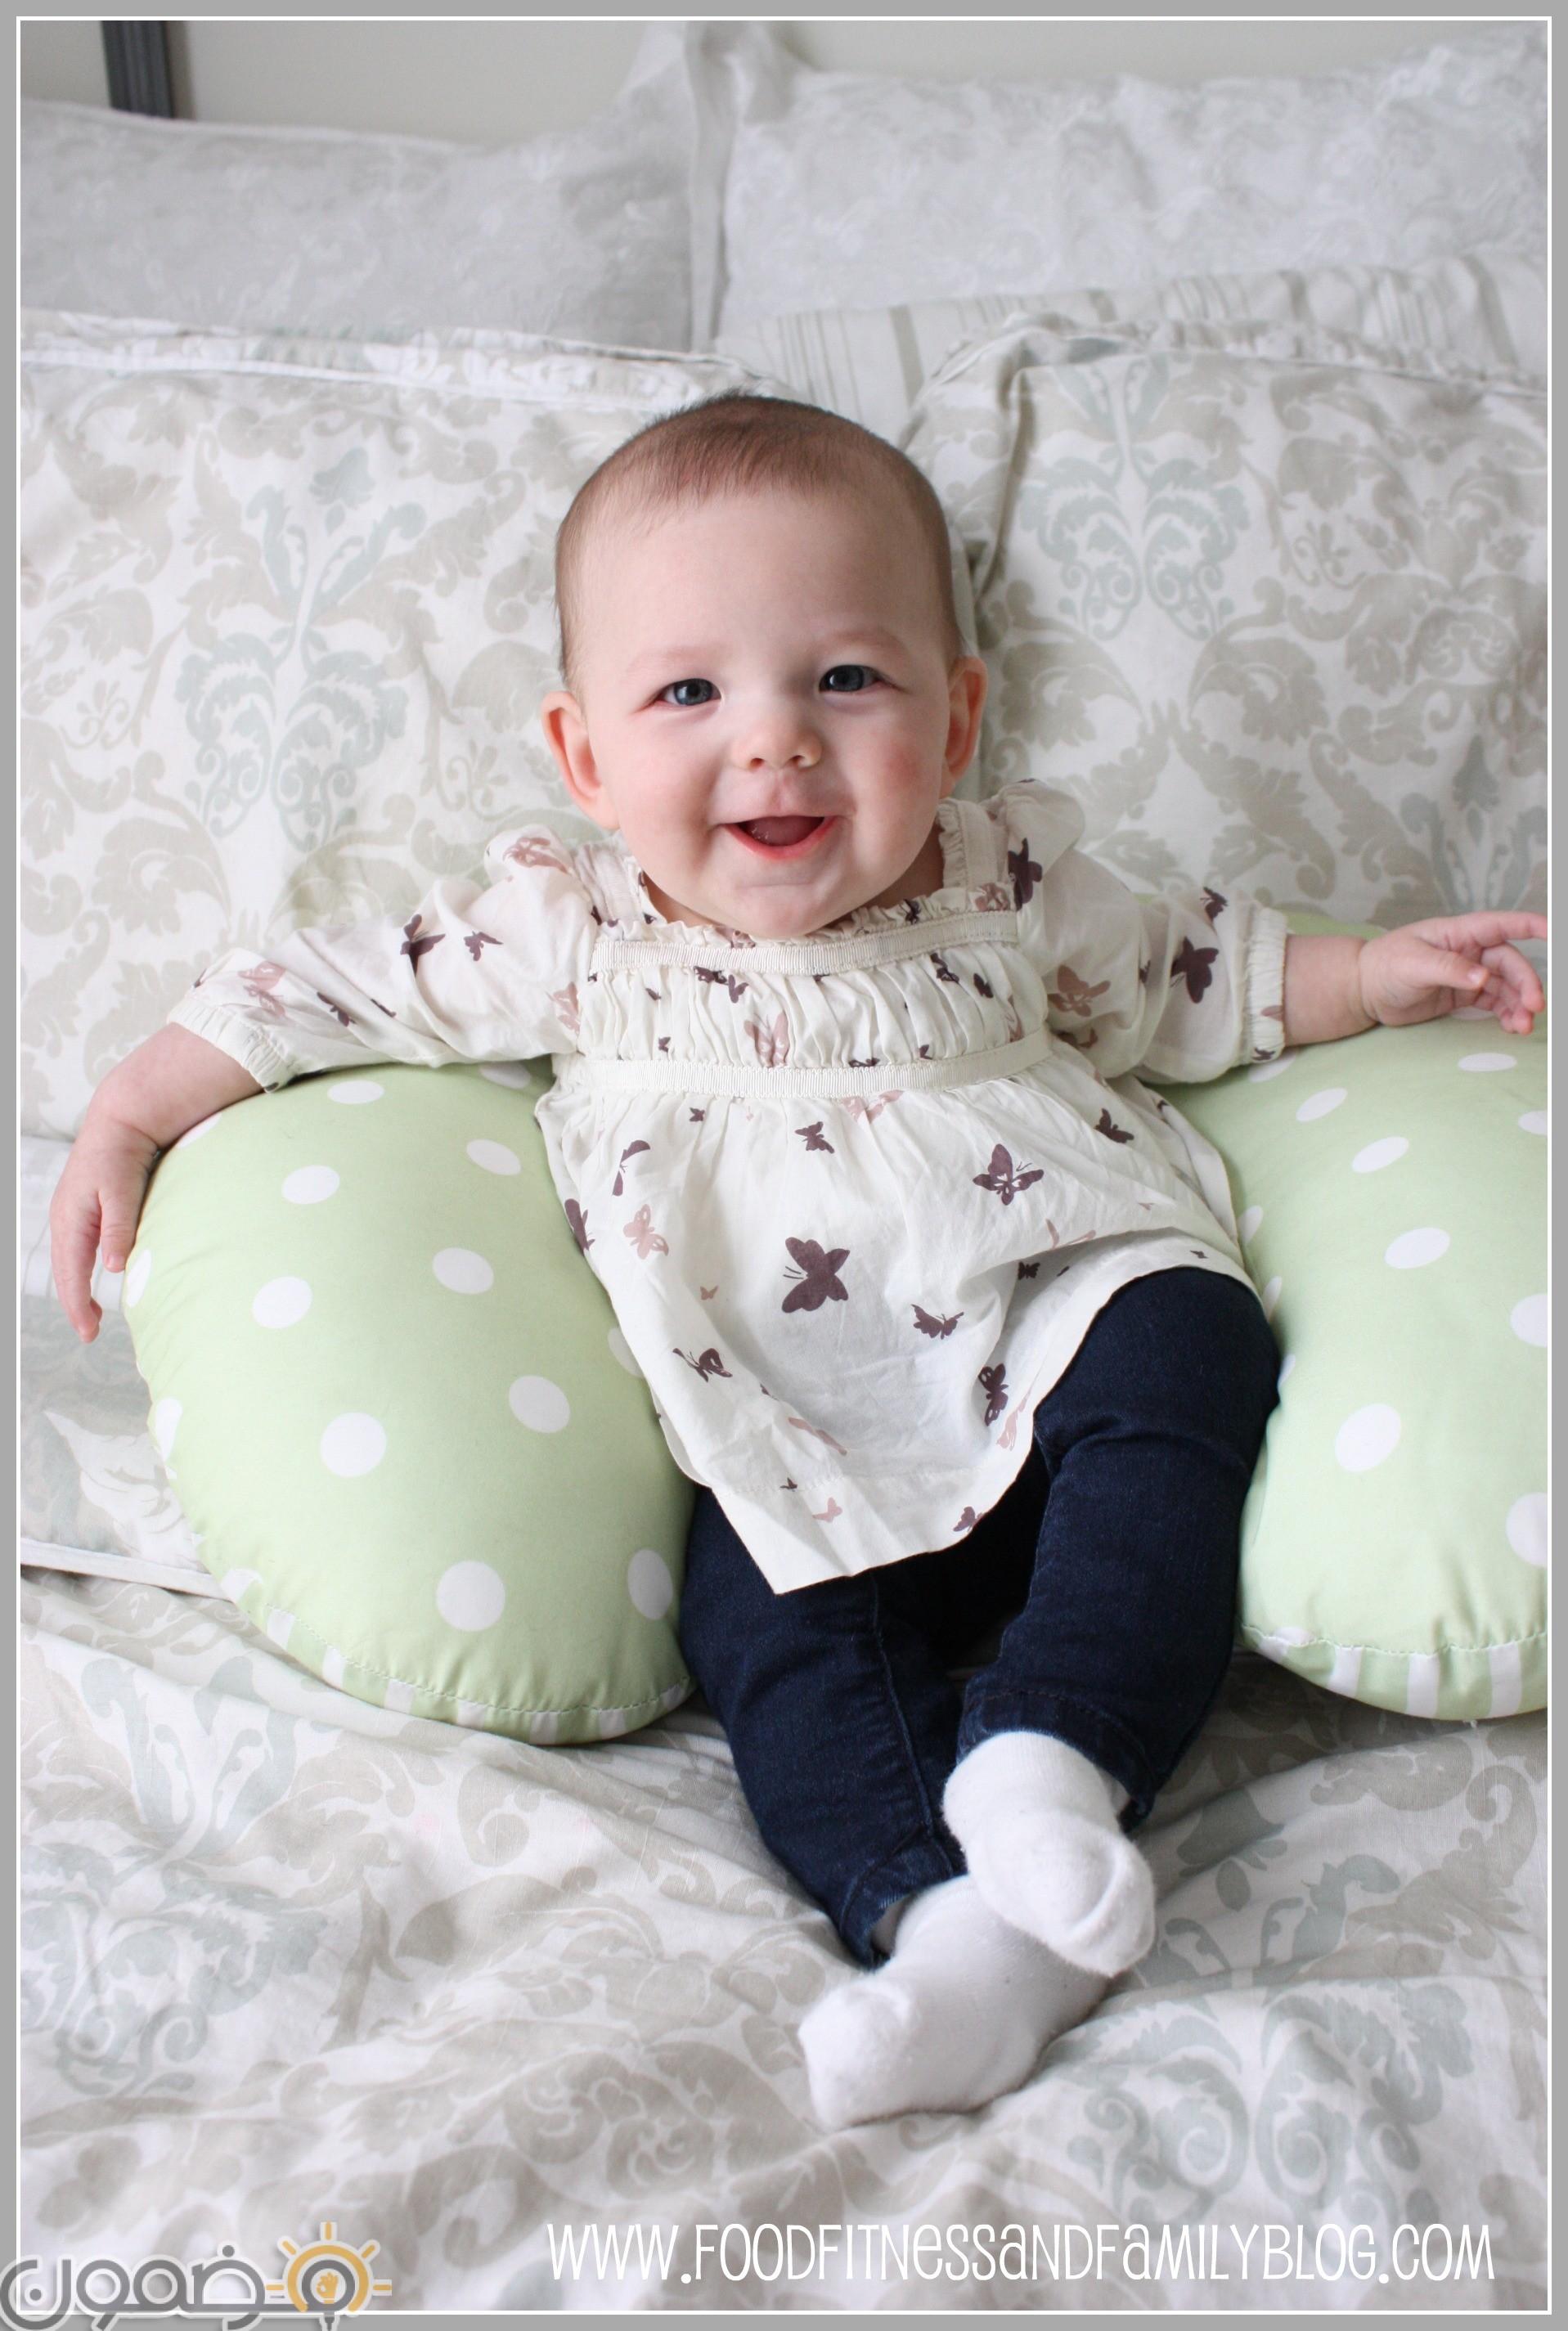 ملابس اطفال حديثى الولادة 5 ملابس اطفال حديثى الولادة